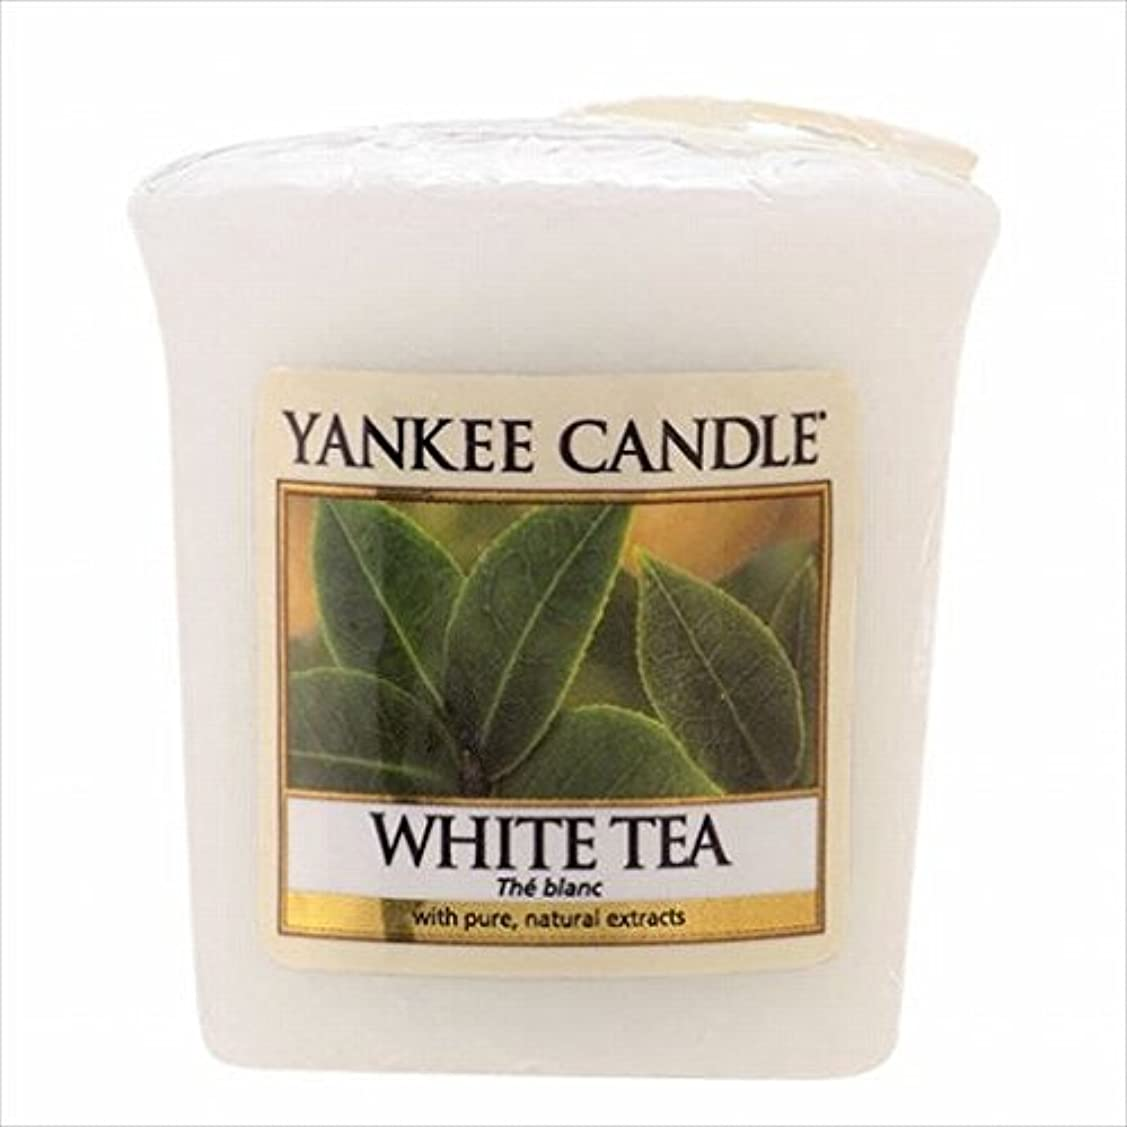 分離する罪人くしゃくしゃヤンキーキャンドル(YANKEE CANDLE) YANKEE CANDLE サンプラー 「 ホワイトティー 」6個セット